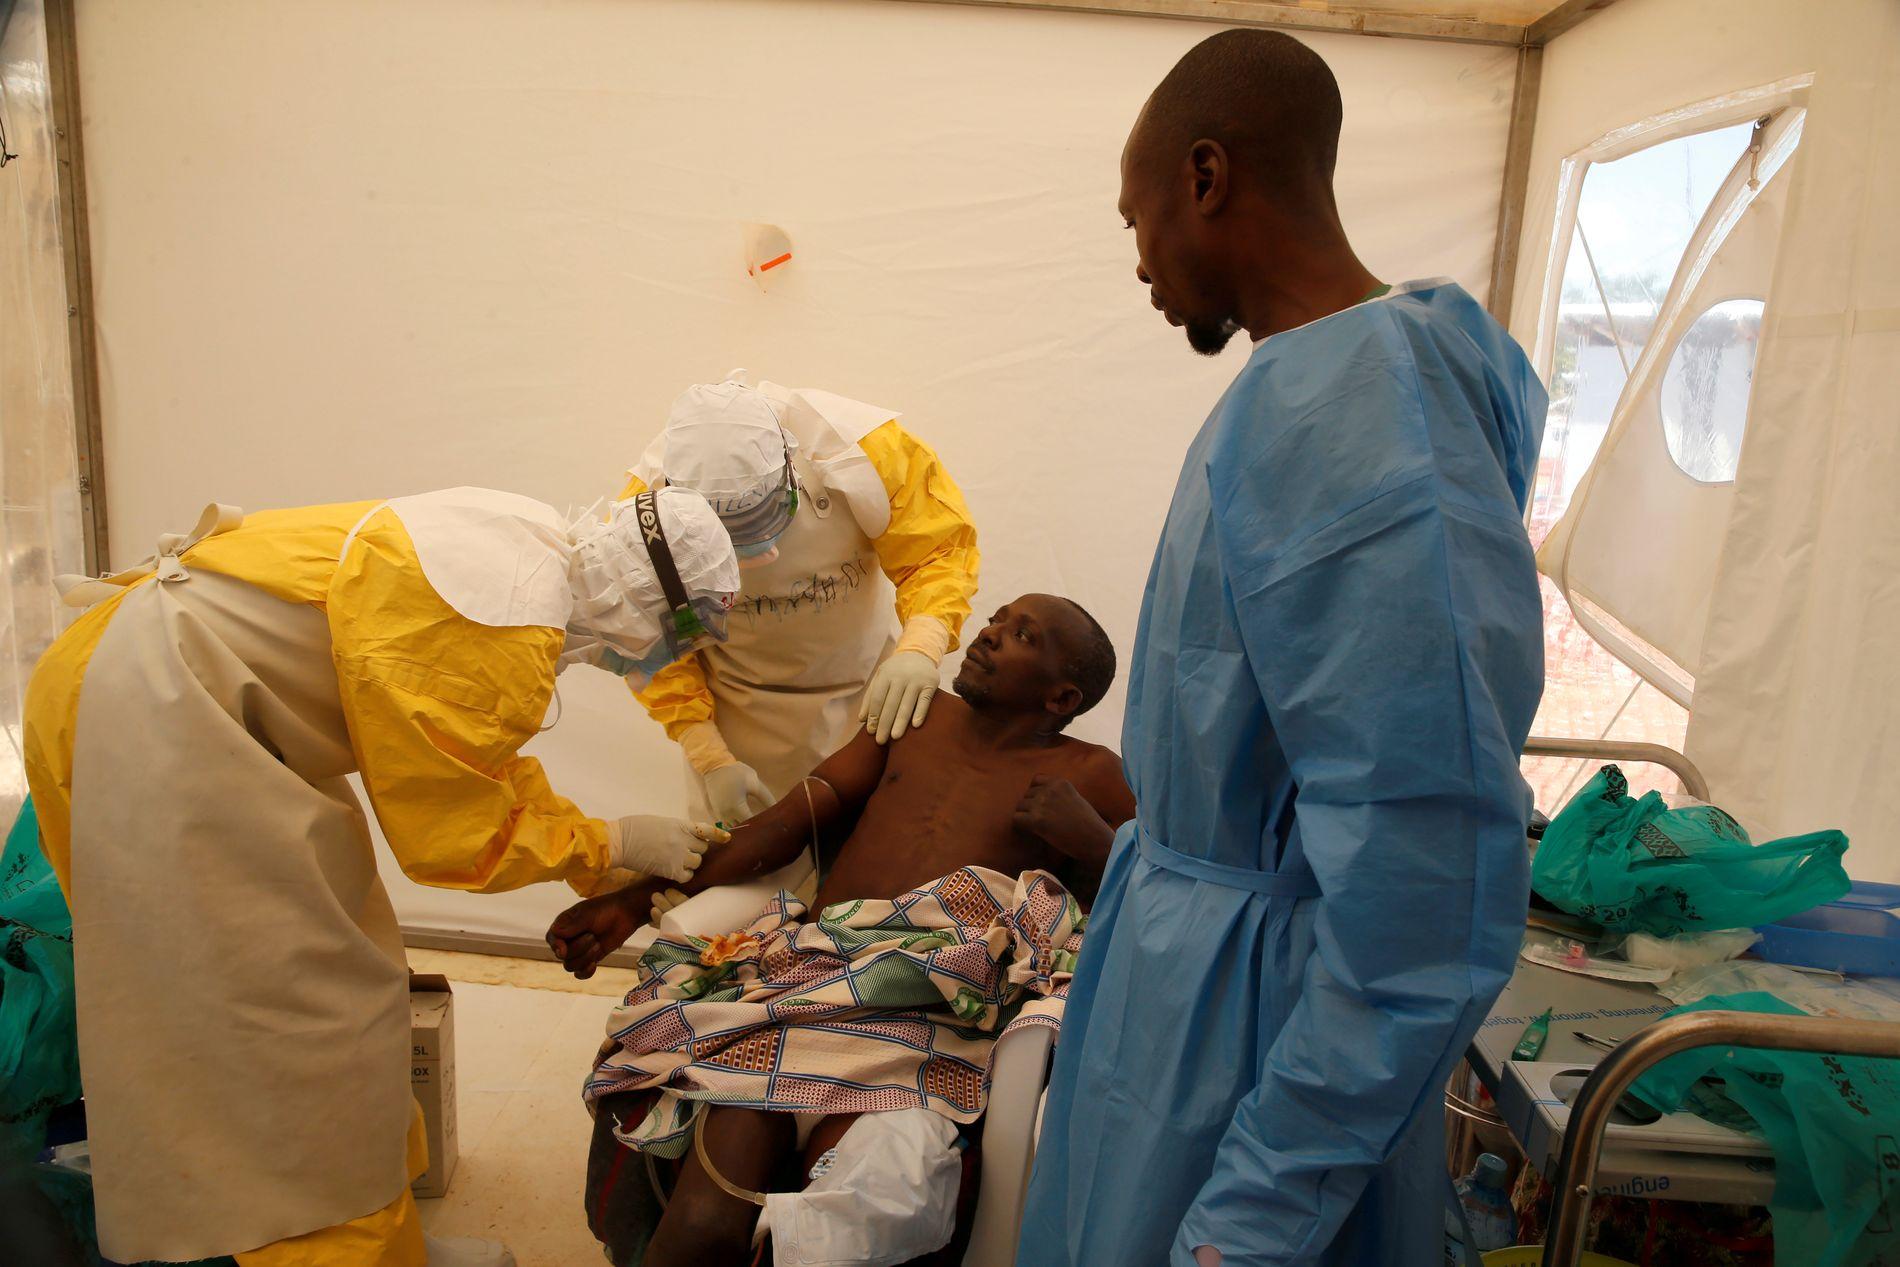 HAR VAKSINE: En pasient blir behandlet for ebola på et medisinsk senter i Beni i mars i år. Til tross for at helsearbeiderne har alle virkemidler som kreves for å stoppe ebola-smitten gjør folks skepsis det vanskelig å stoppe epidemien.